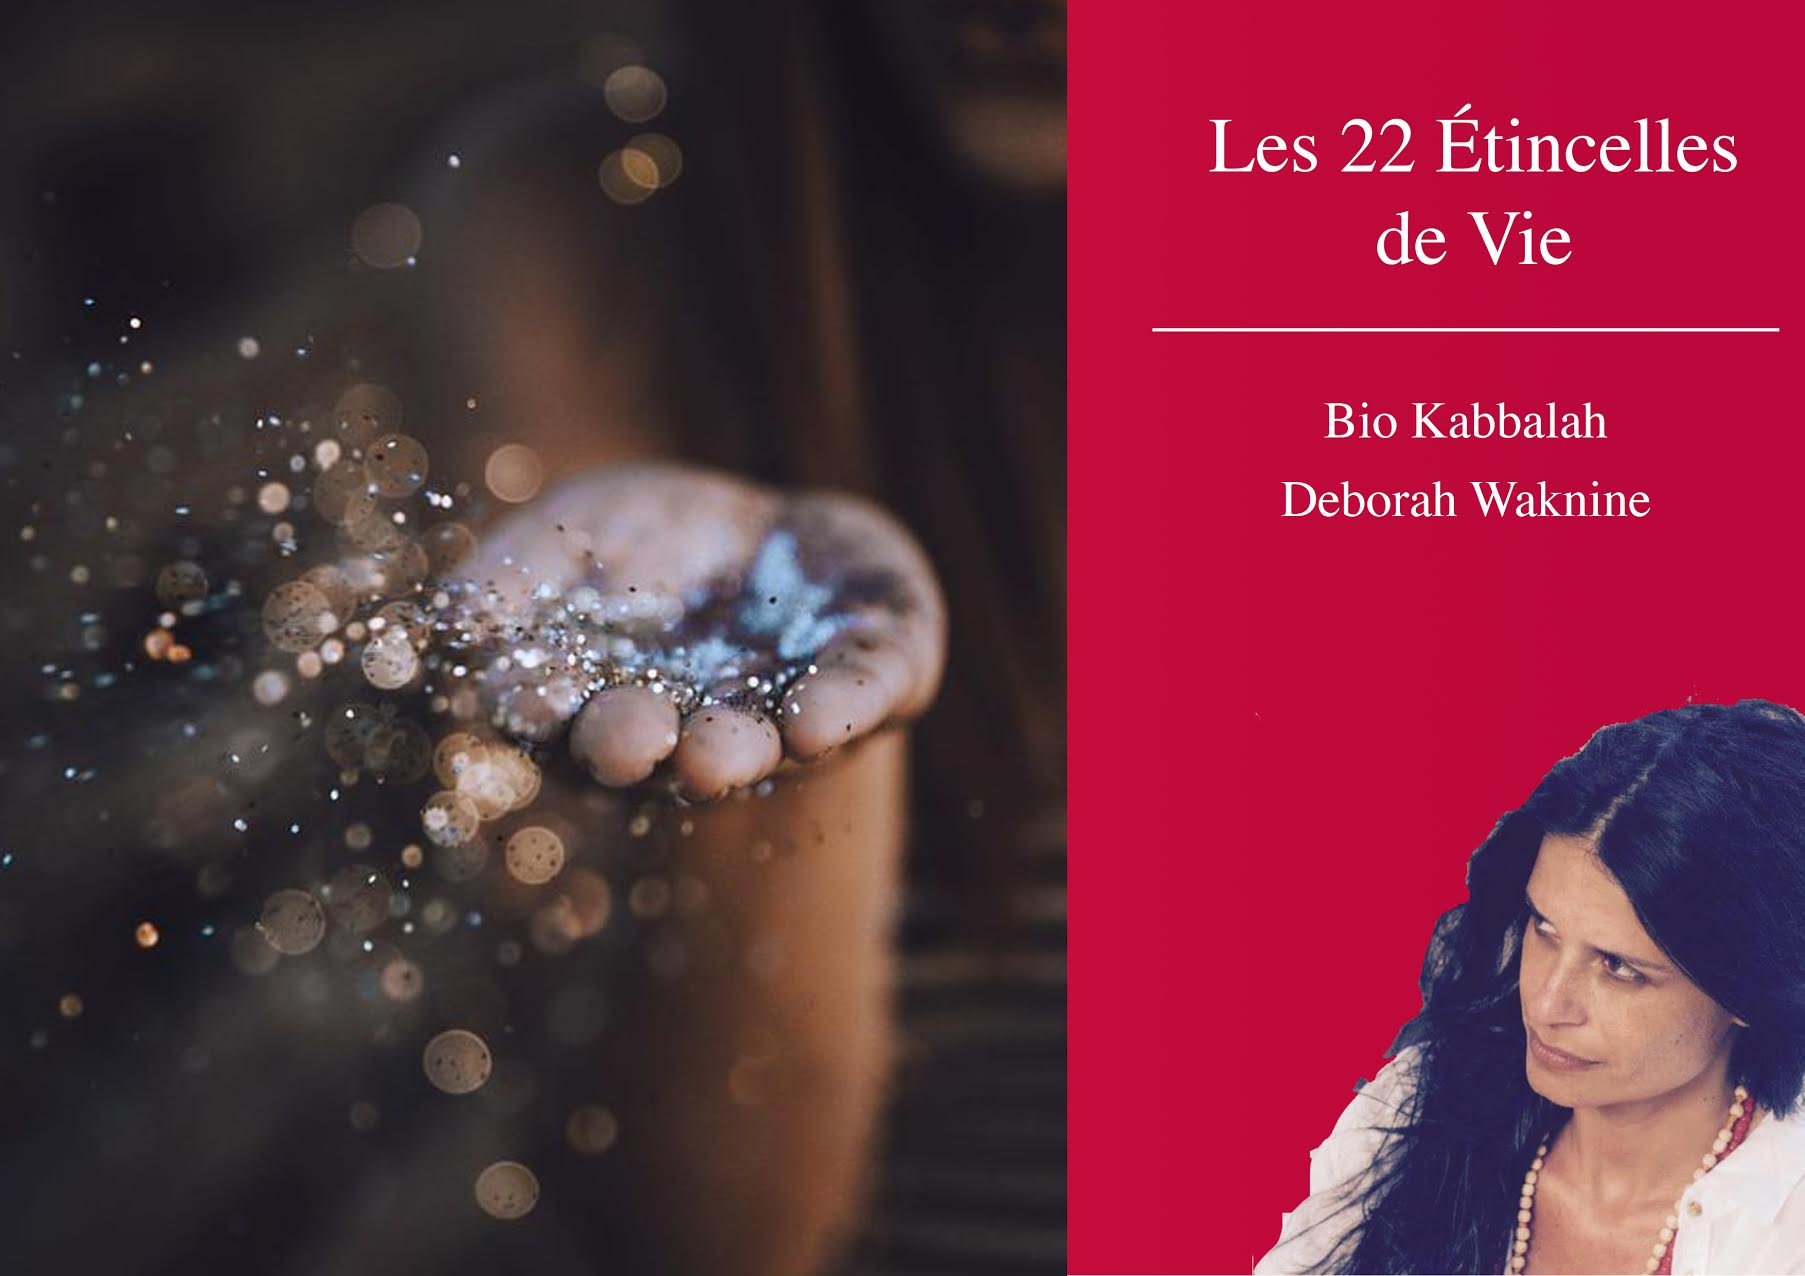 Bio kabbalah _les 22 étincelles de vie_